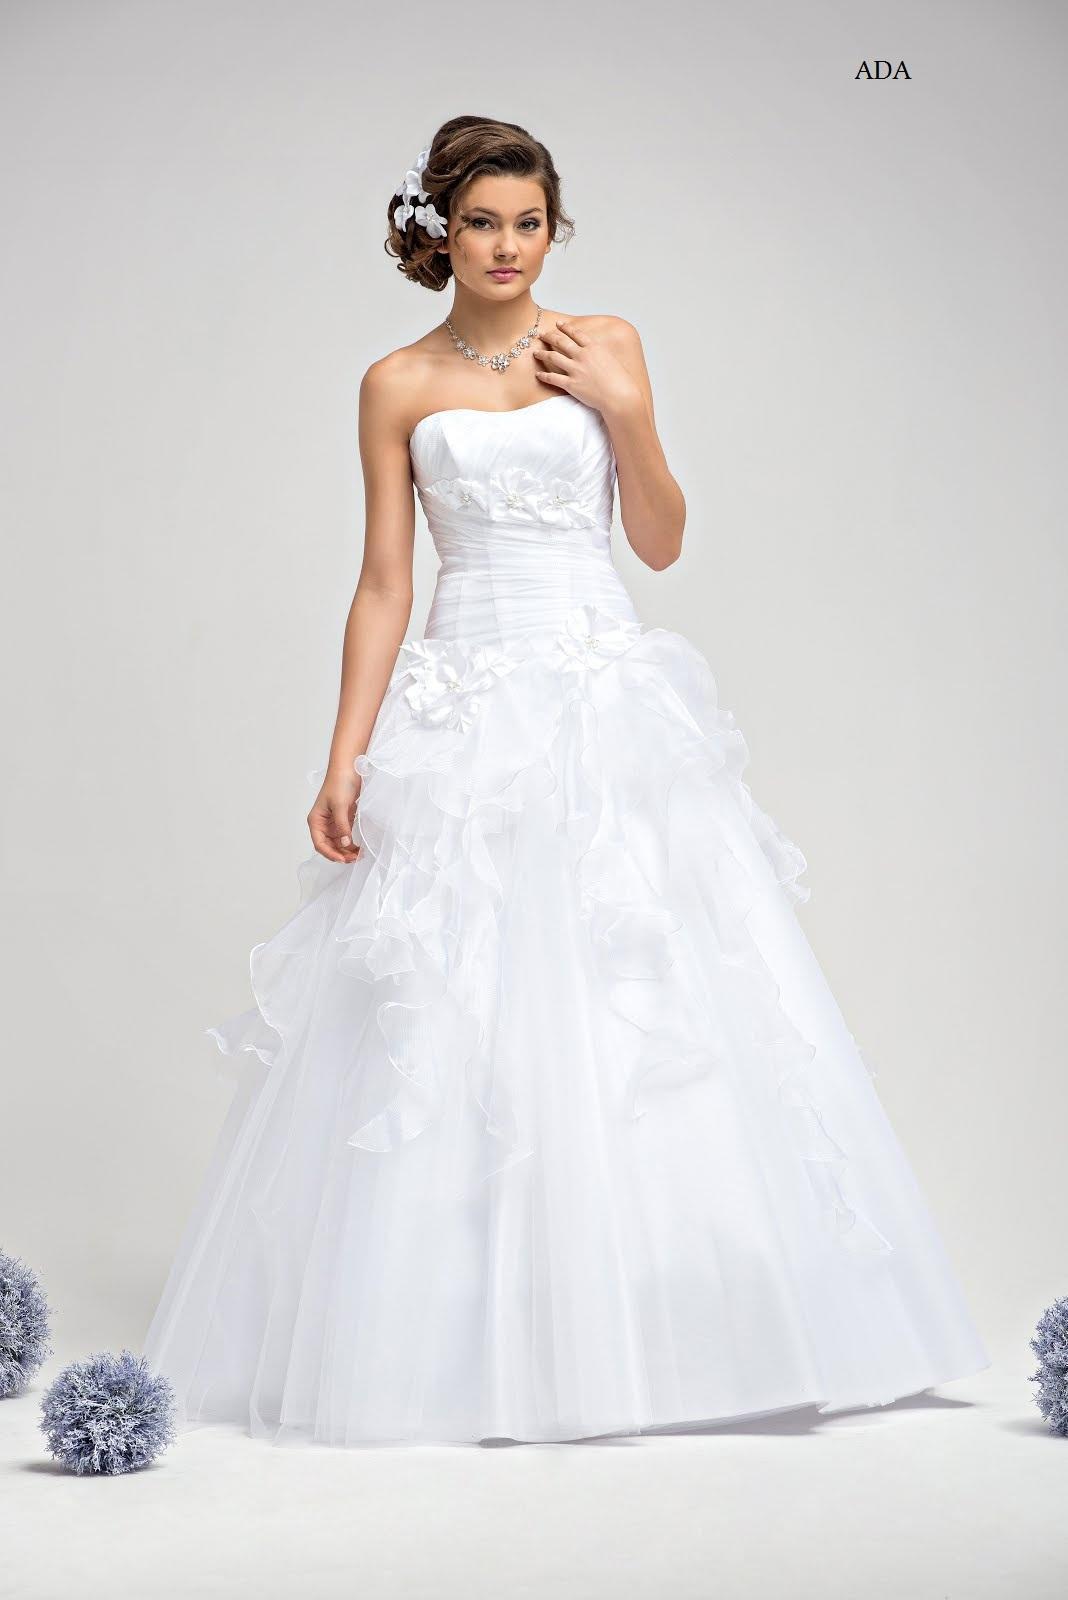 Abend Kreativ Günstige Brautkleider Boutique17 Einzigartig Günstige Brautkleider Design